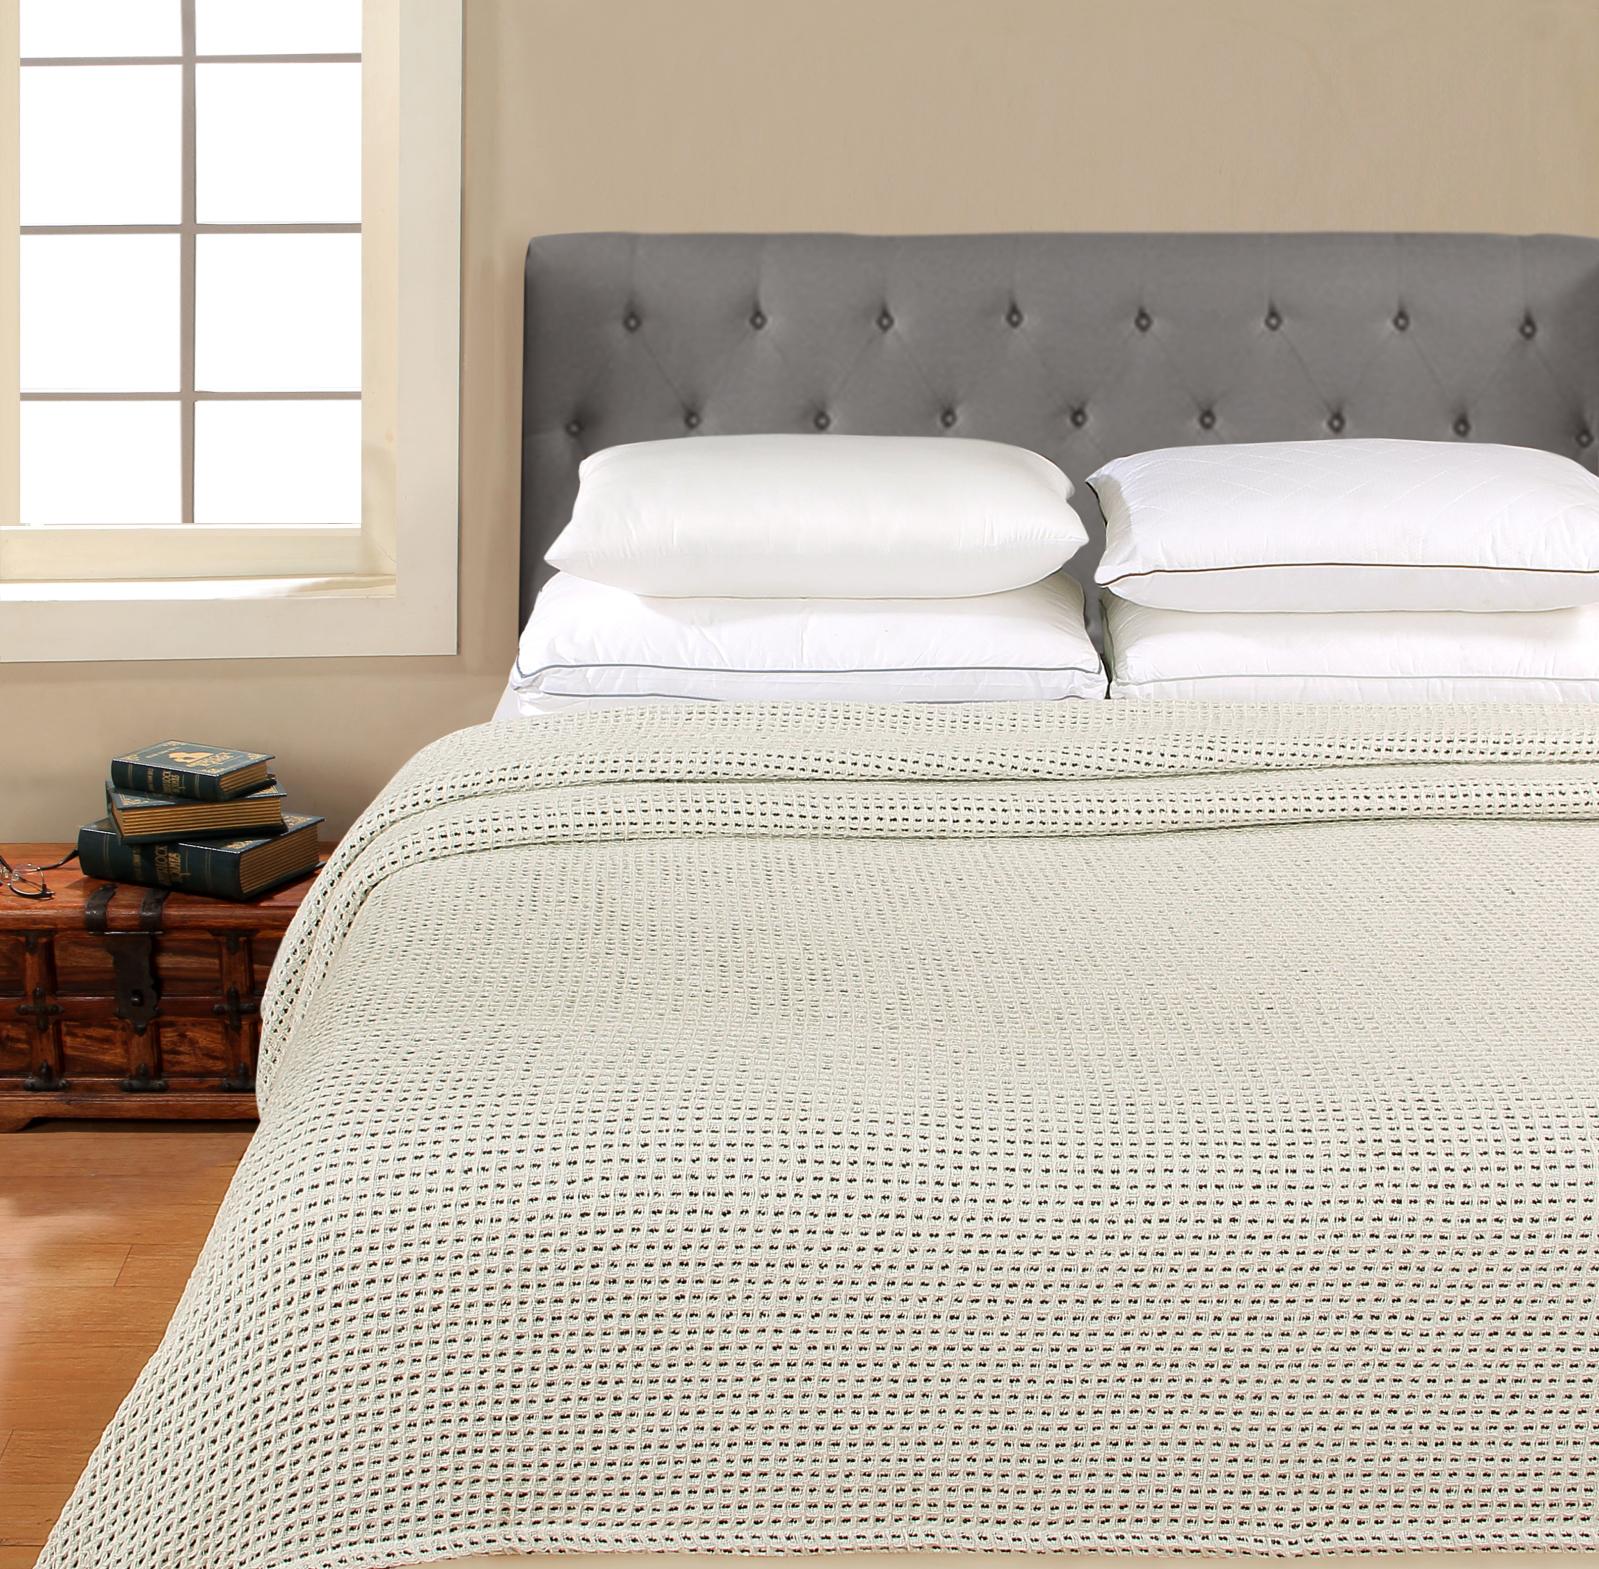 Better Homes & Gardens 100% Cotton Blanket - Color Pop Blanket Blue